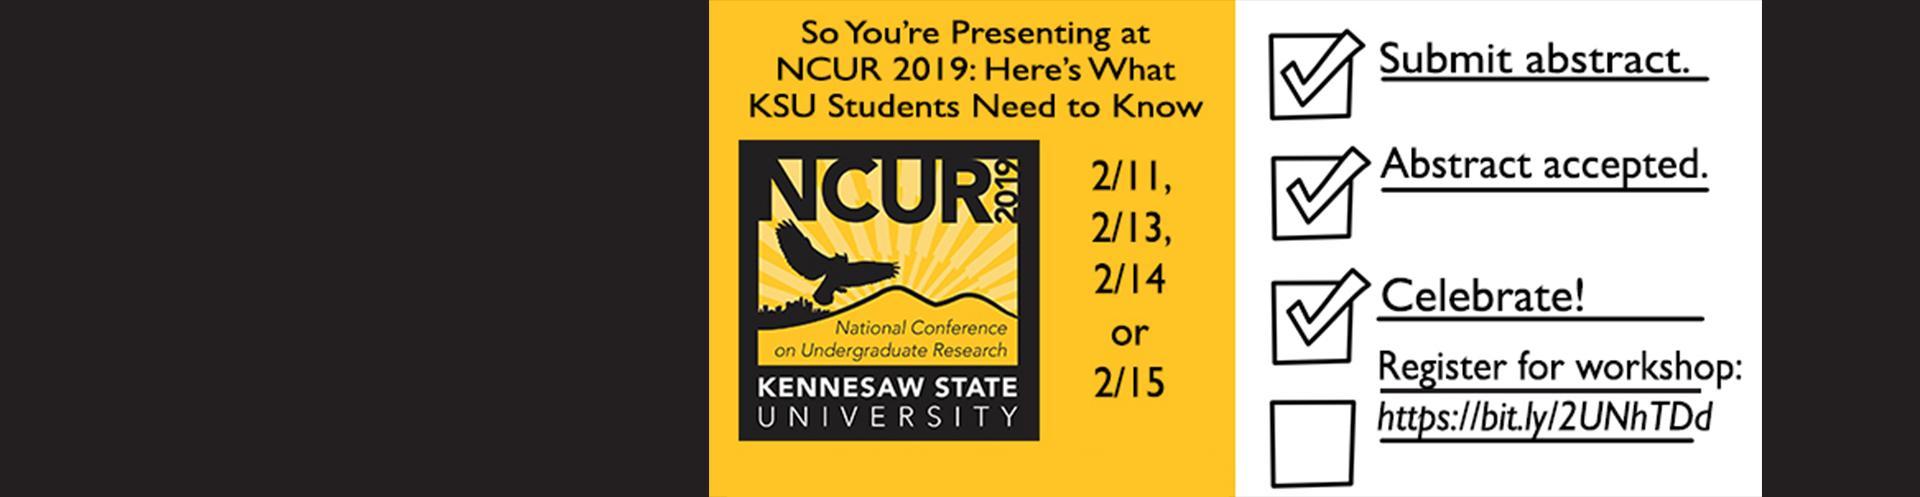 NCUR workshop for KSU presenters